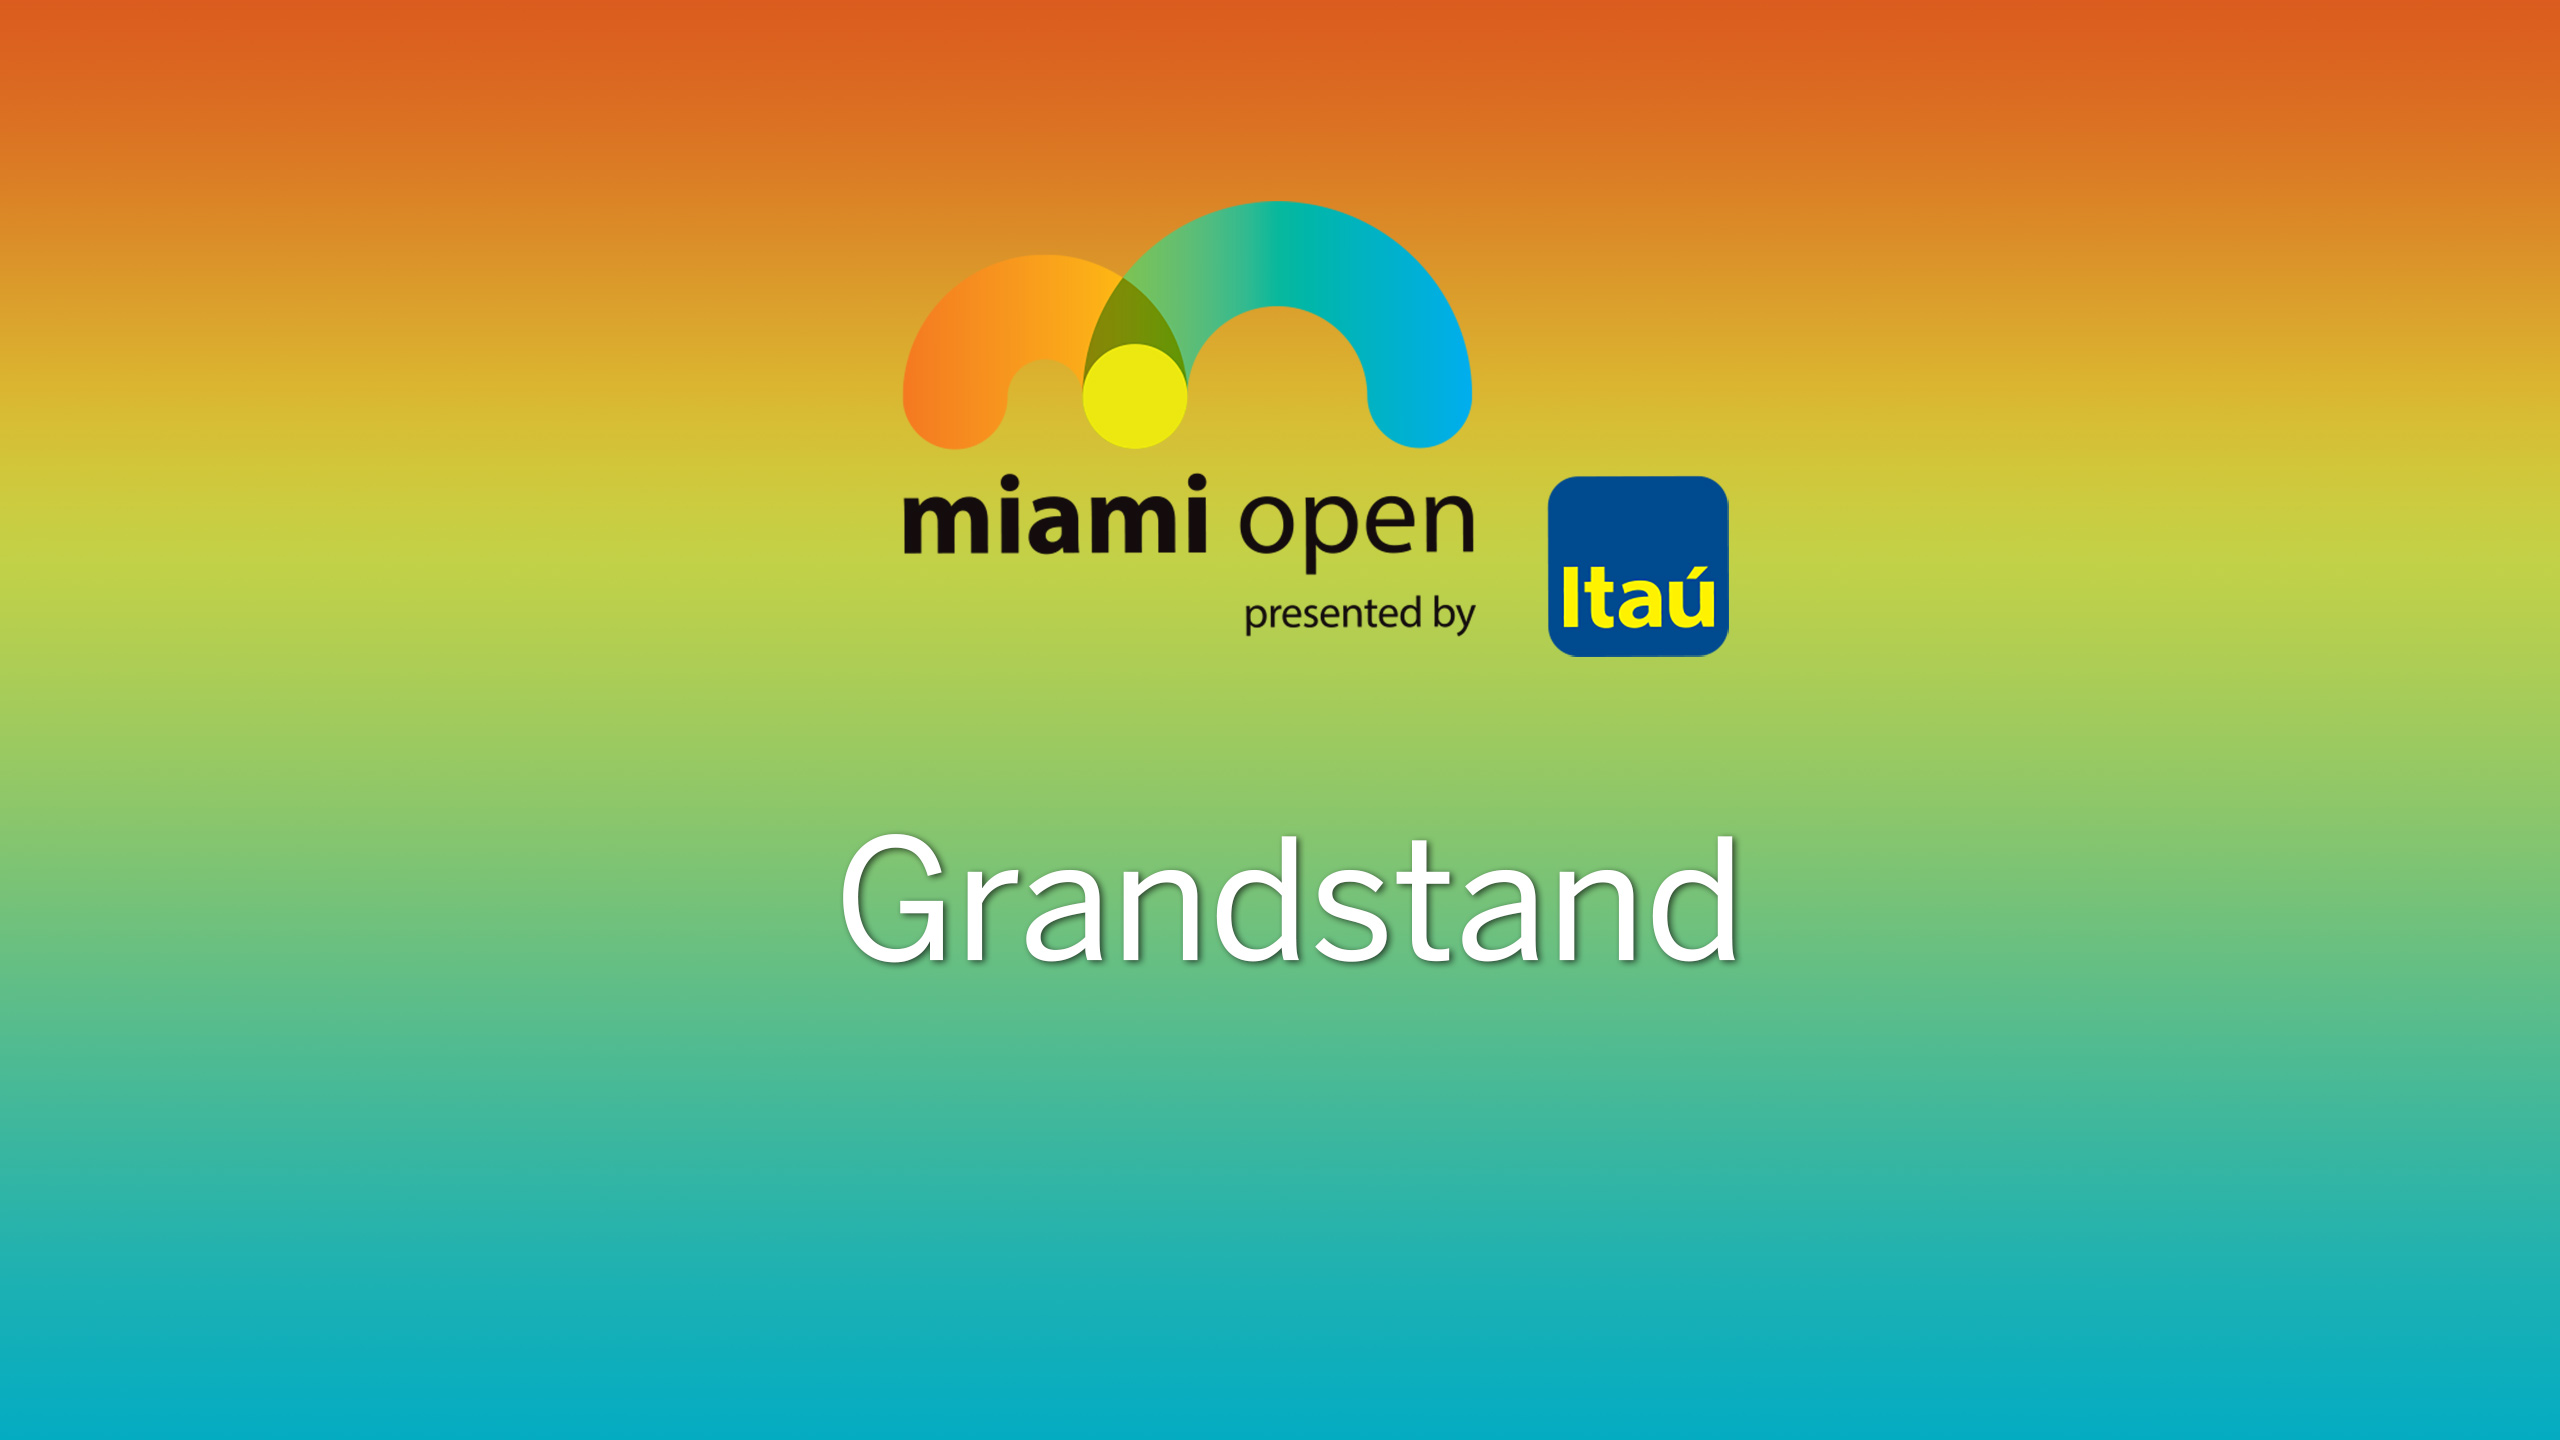 ATP: Grandstand - Miami Open